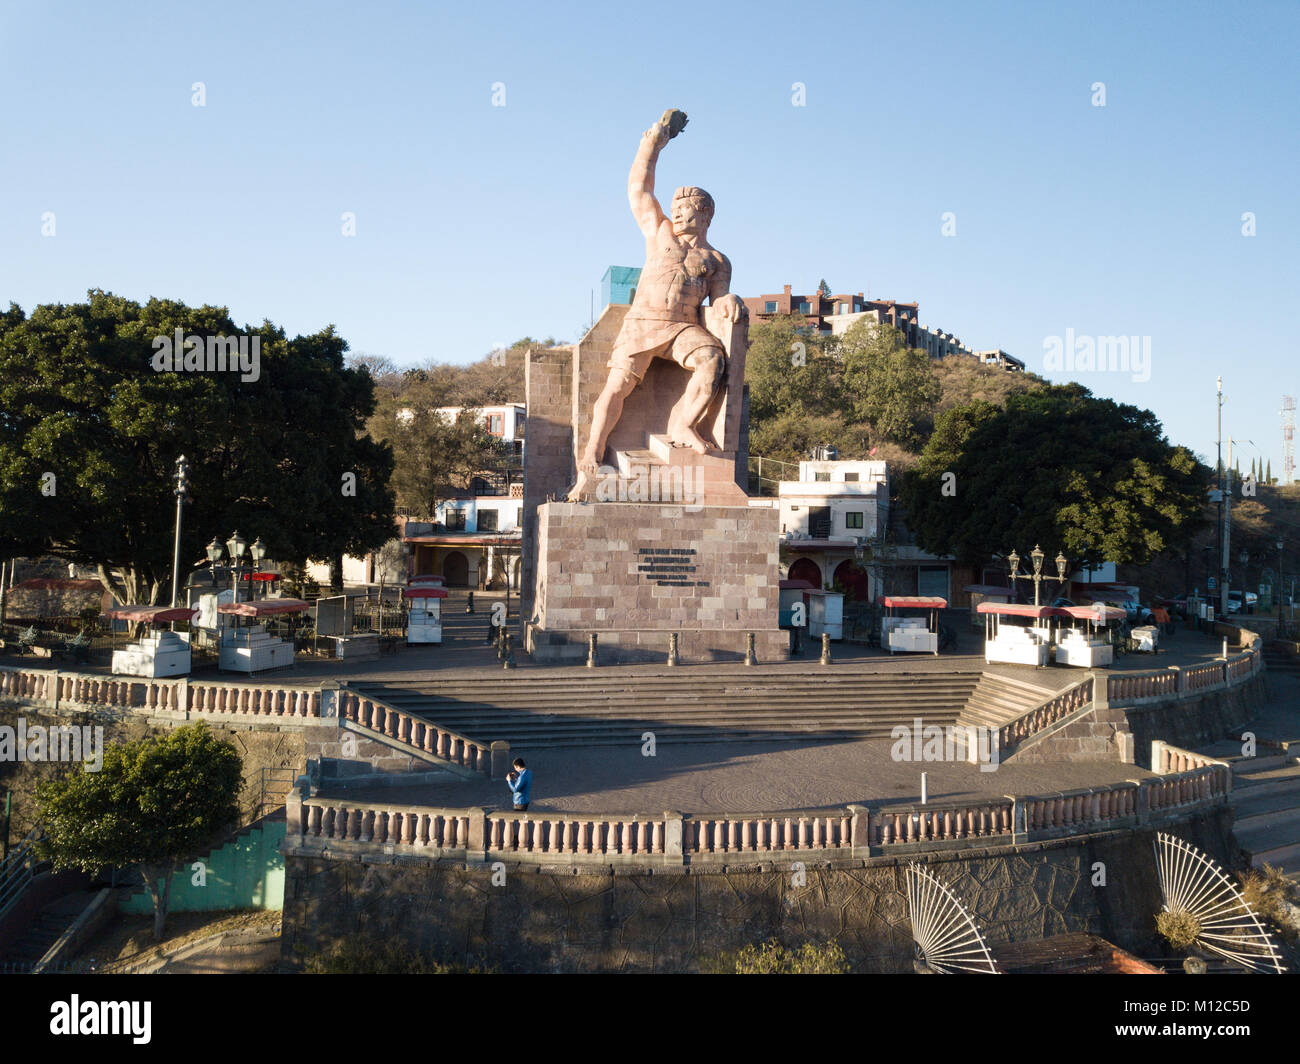 Monumento al Pipila, Statua di al Pipila, Guanajuato, Messico Immagini Stock